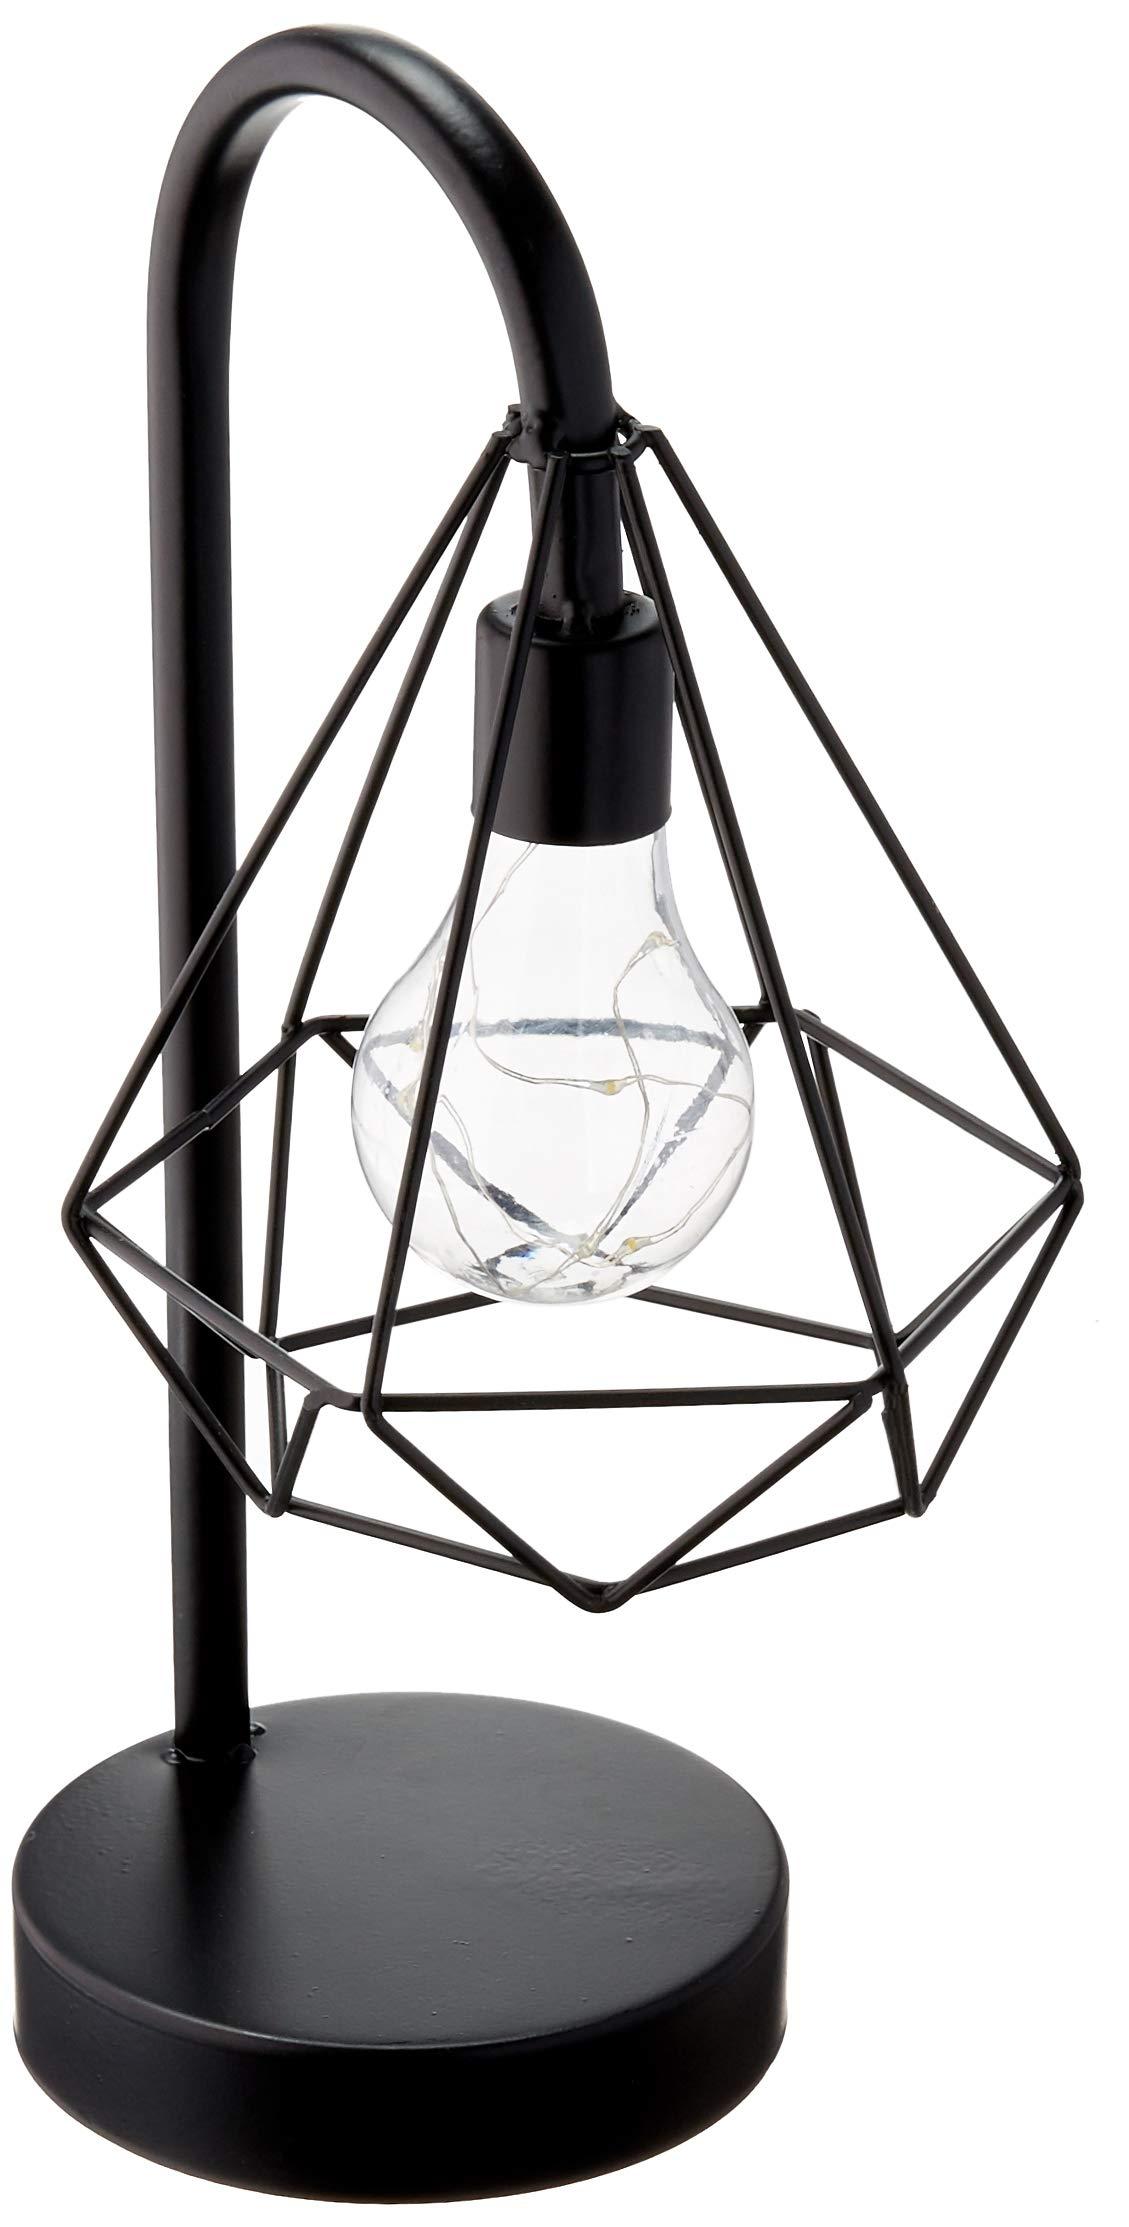 サークルウェアテーブル、テーブル、またはサスペンションライト - ランタンスタイルブラックメタルコードレス装飾ライト(LED電球ブラック5.91